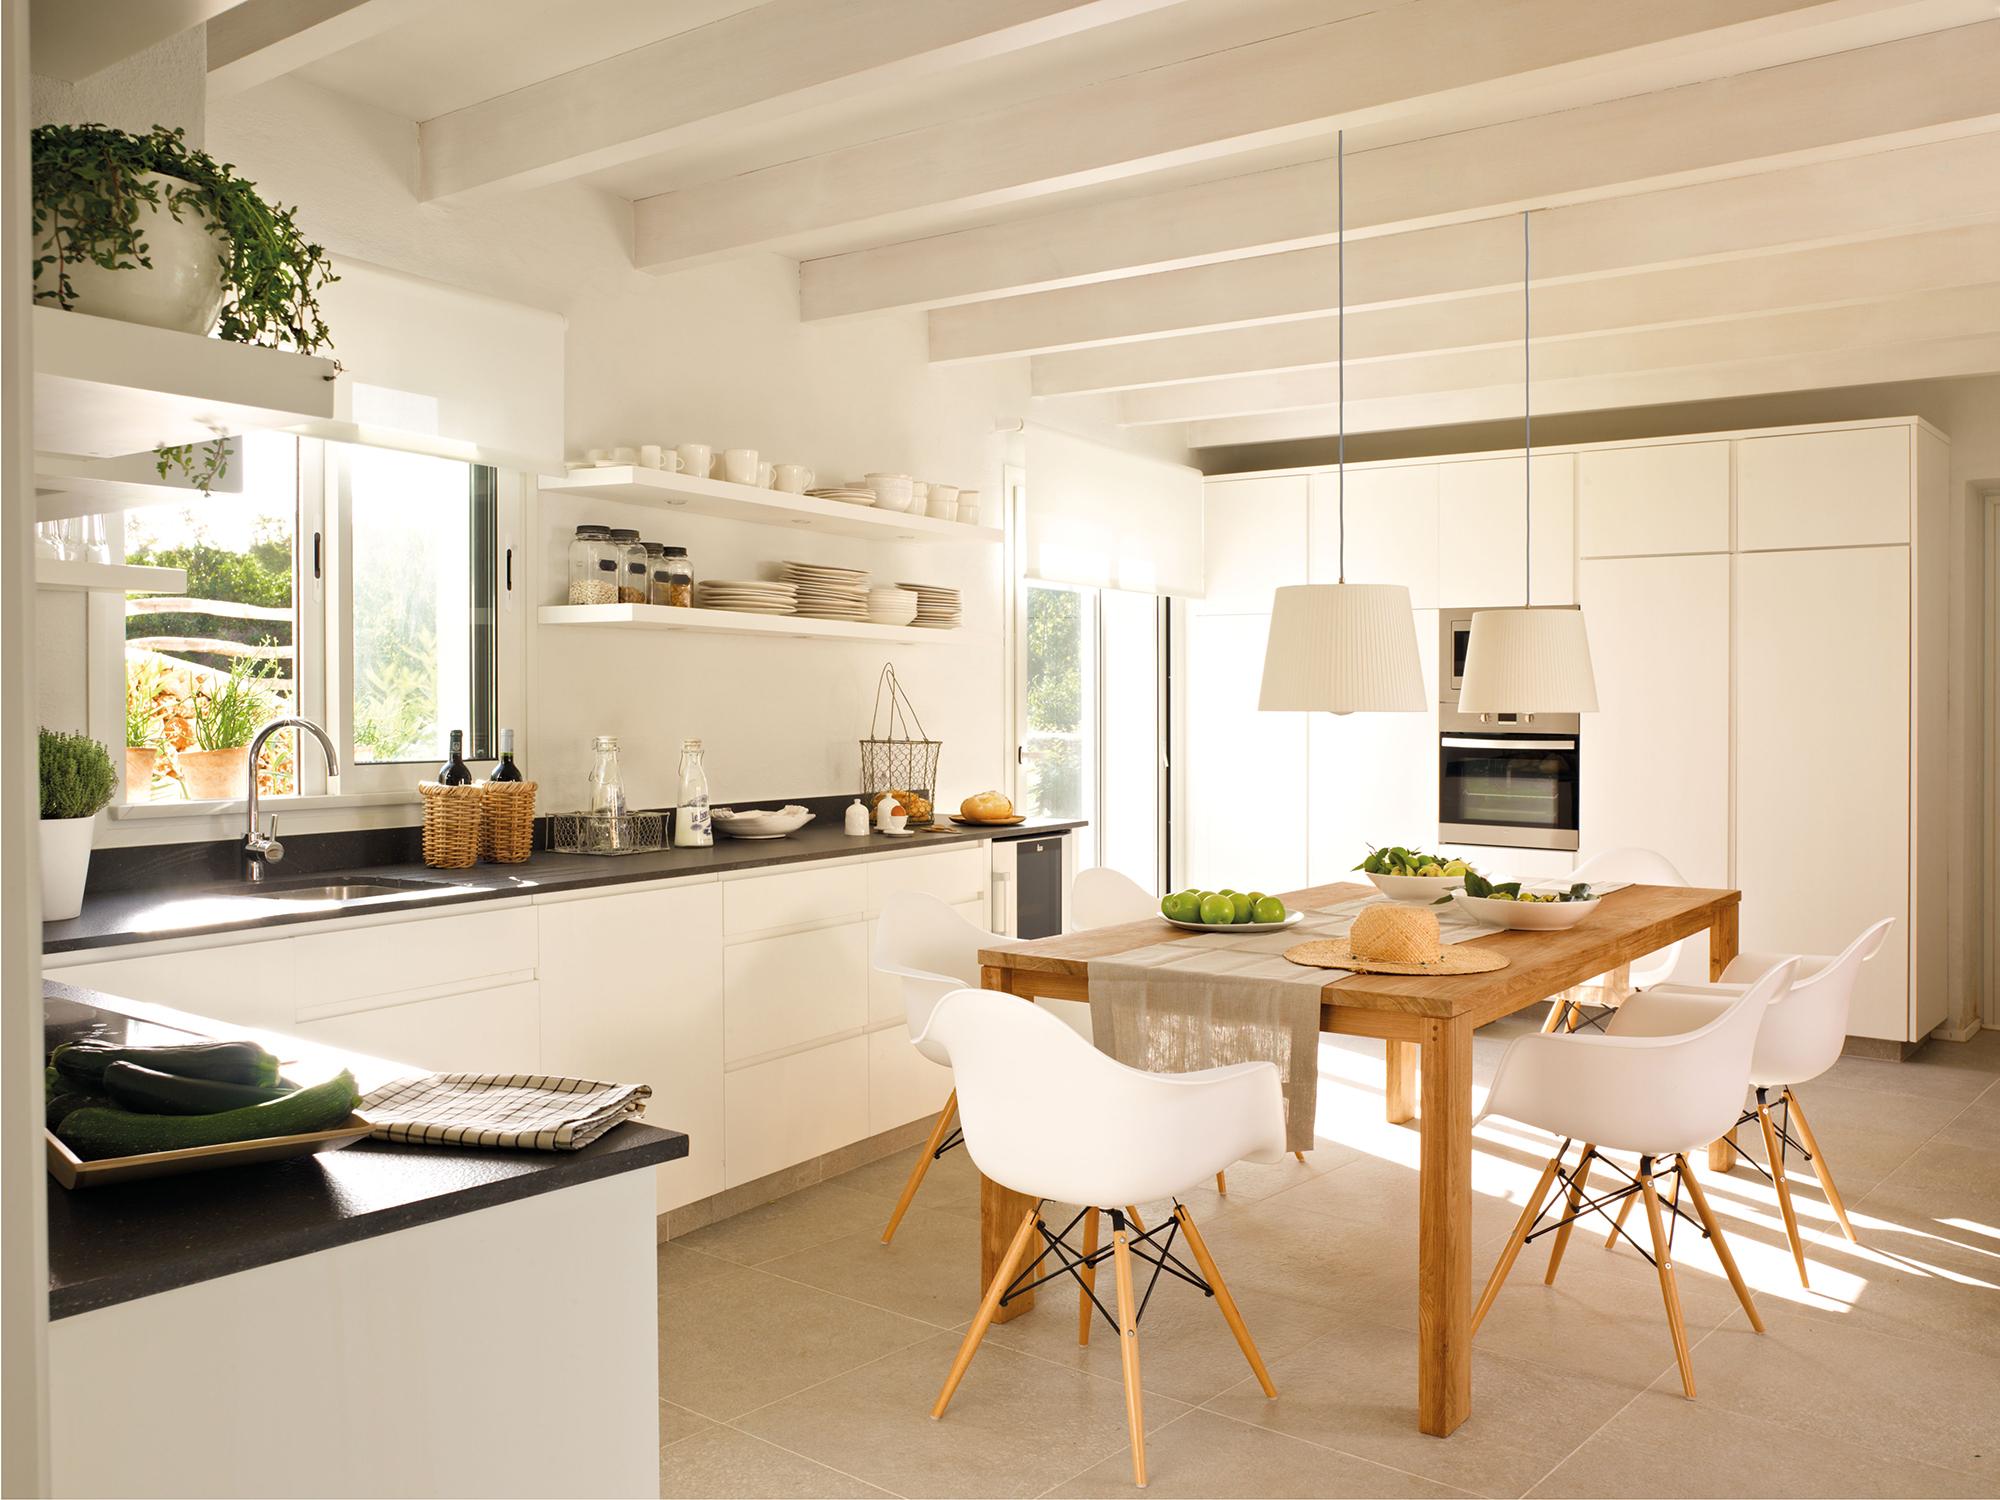 mueble de cocina de abedul sin terminar 4348 Fotos De Cocinas Pagina 39